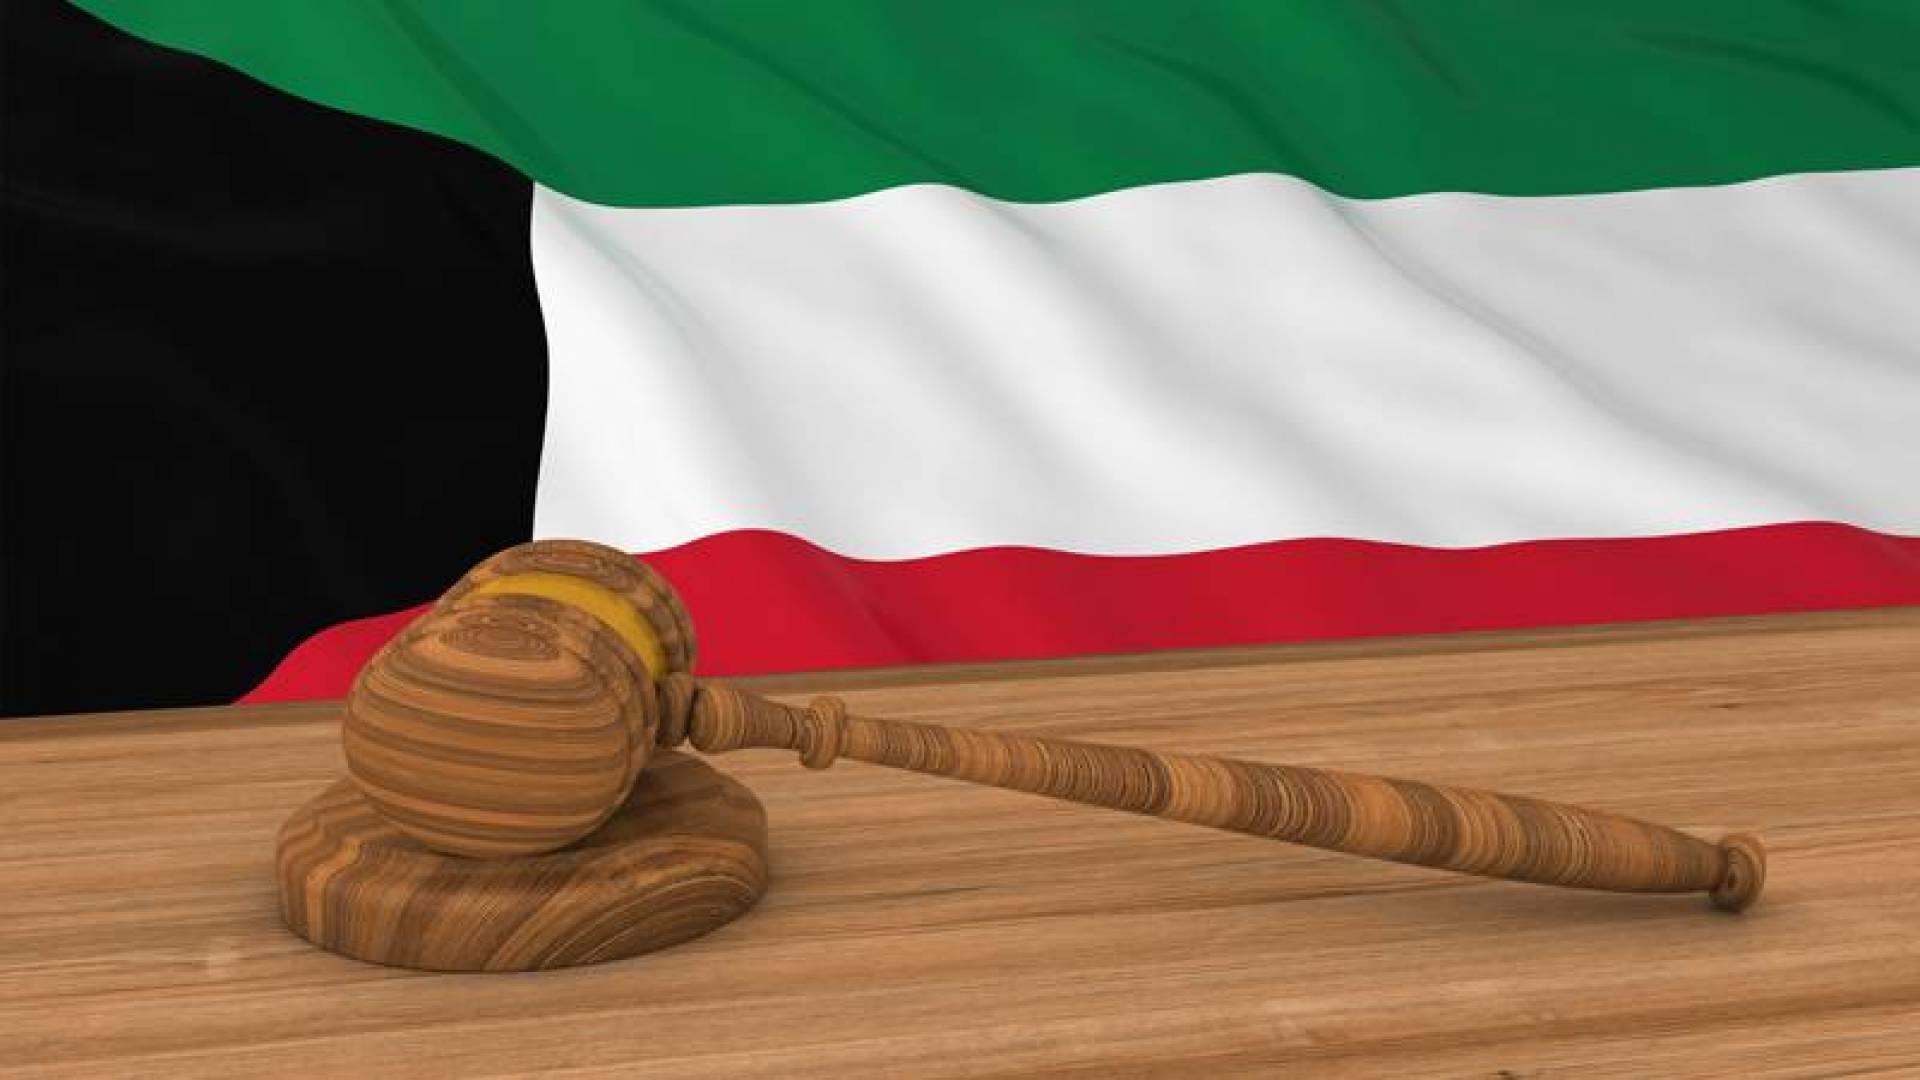 «الاستئناف» تحذِّر: المساس بسمعة القضاة جريمة.. تستوجب العقاب